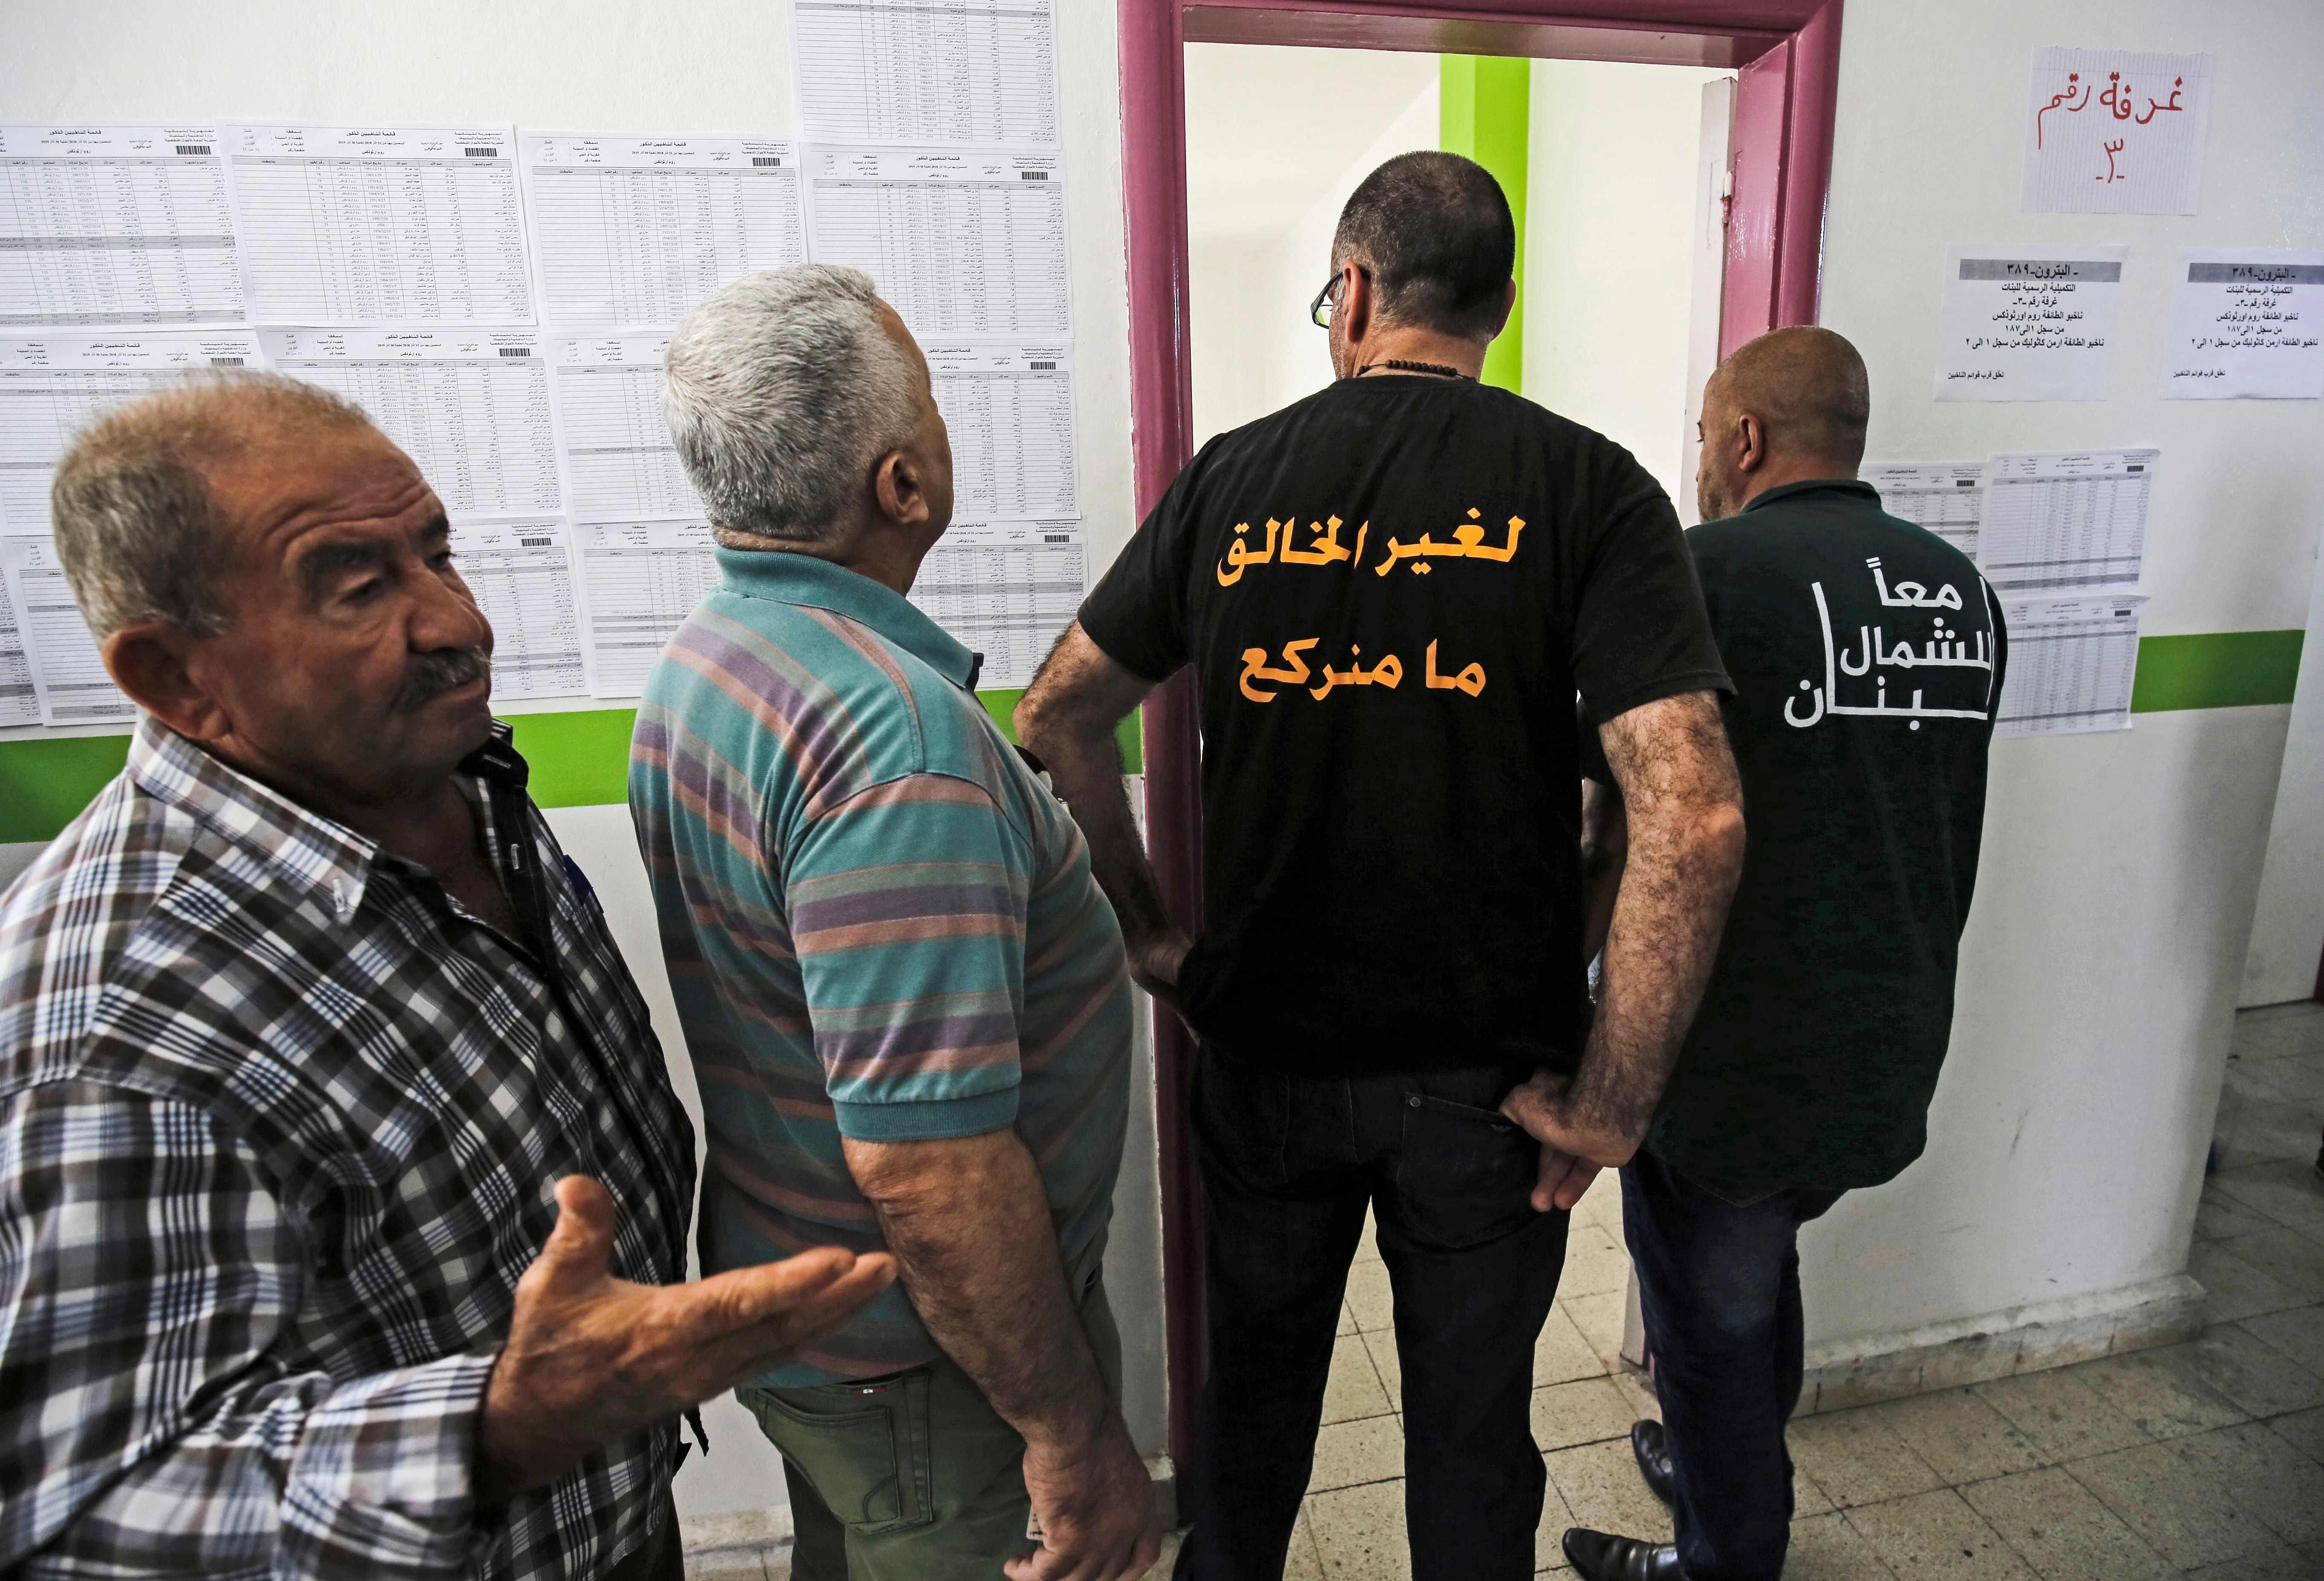 أحد المشاركين فى الانتخابات